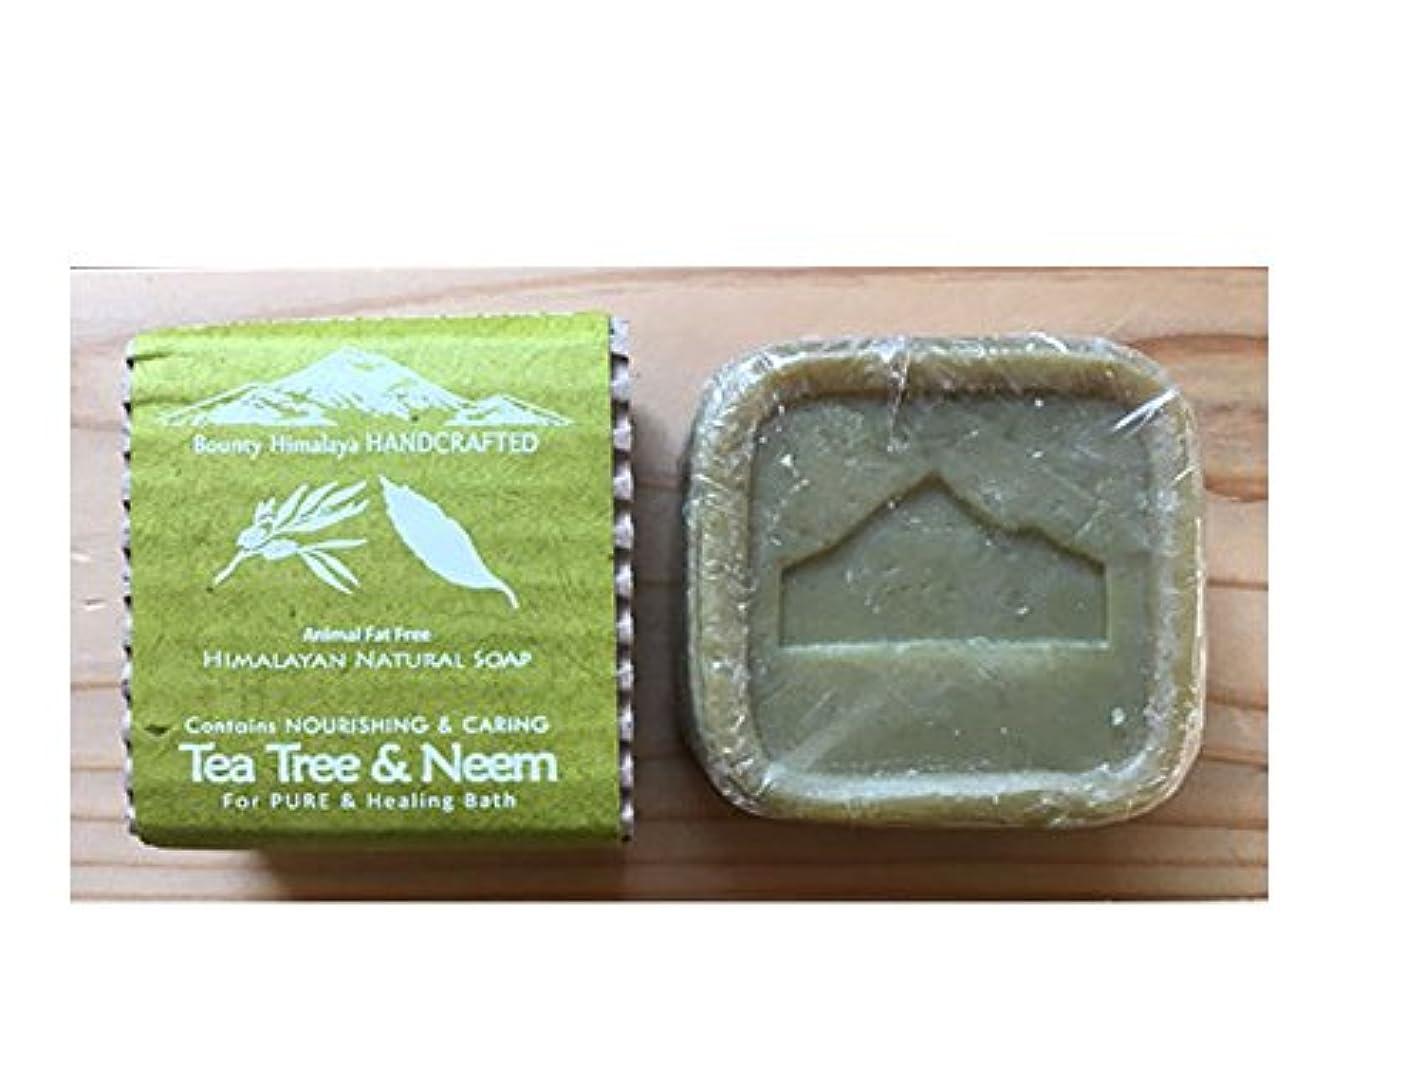 星不利益とんでもないアーユルヴェーダ ヒマラヤ ティーツリー?ニーム ソープ Bounty Himalaya Tea Tree & Neem SOAP(NEPAL AYURVEDA) 100g